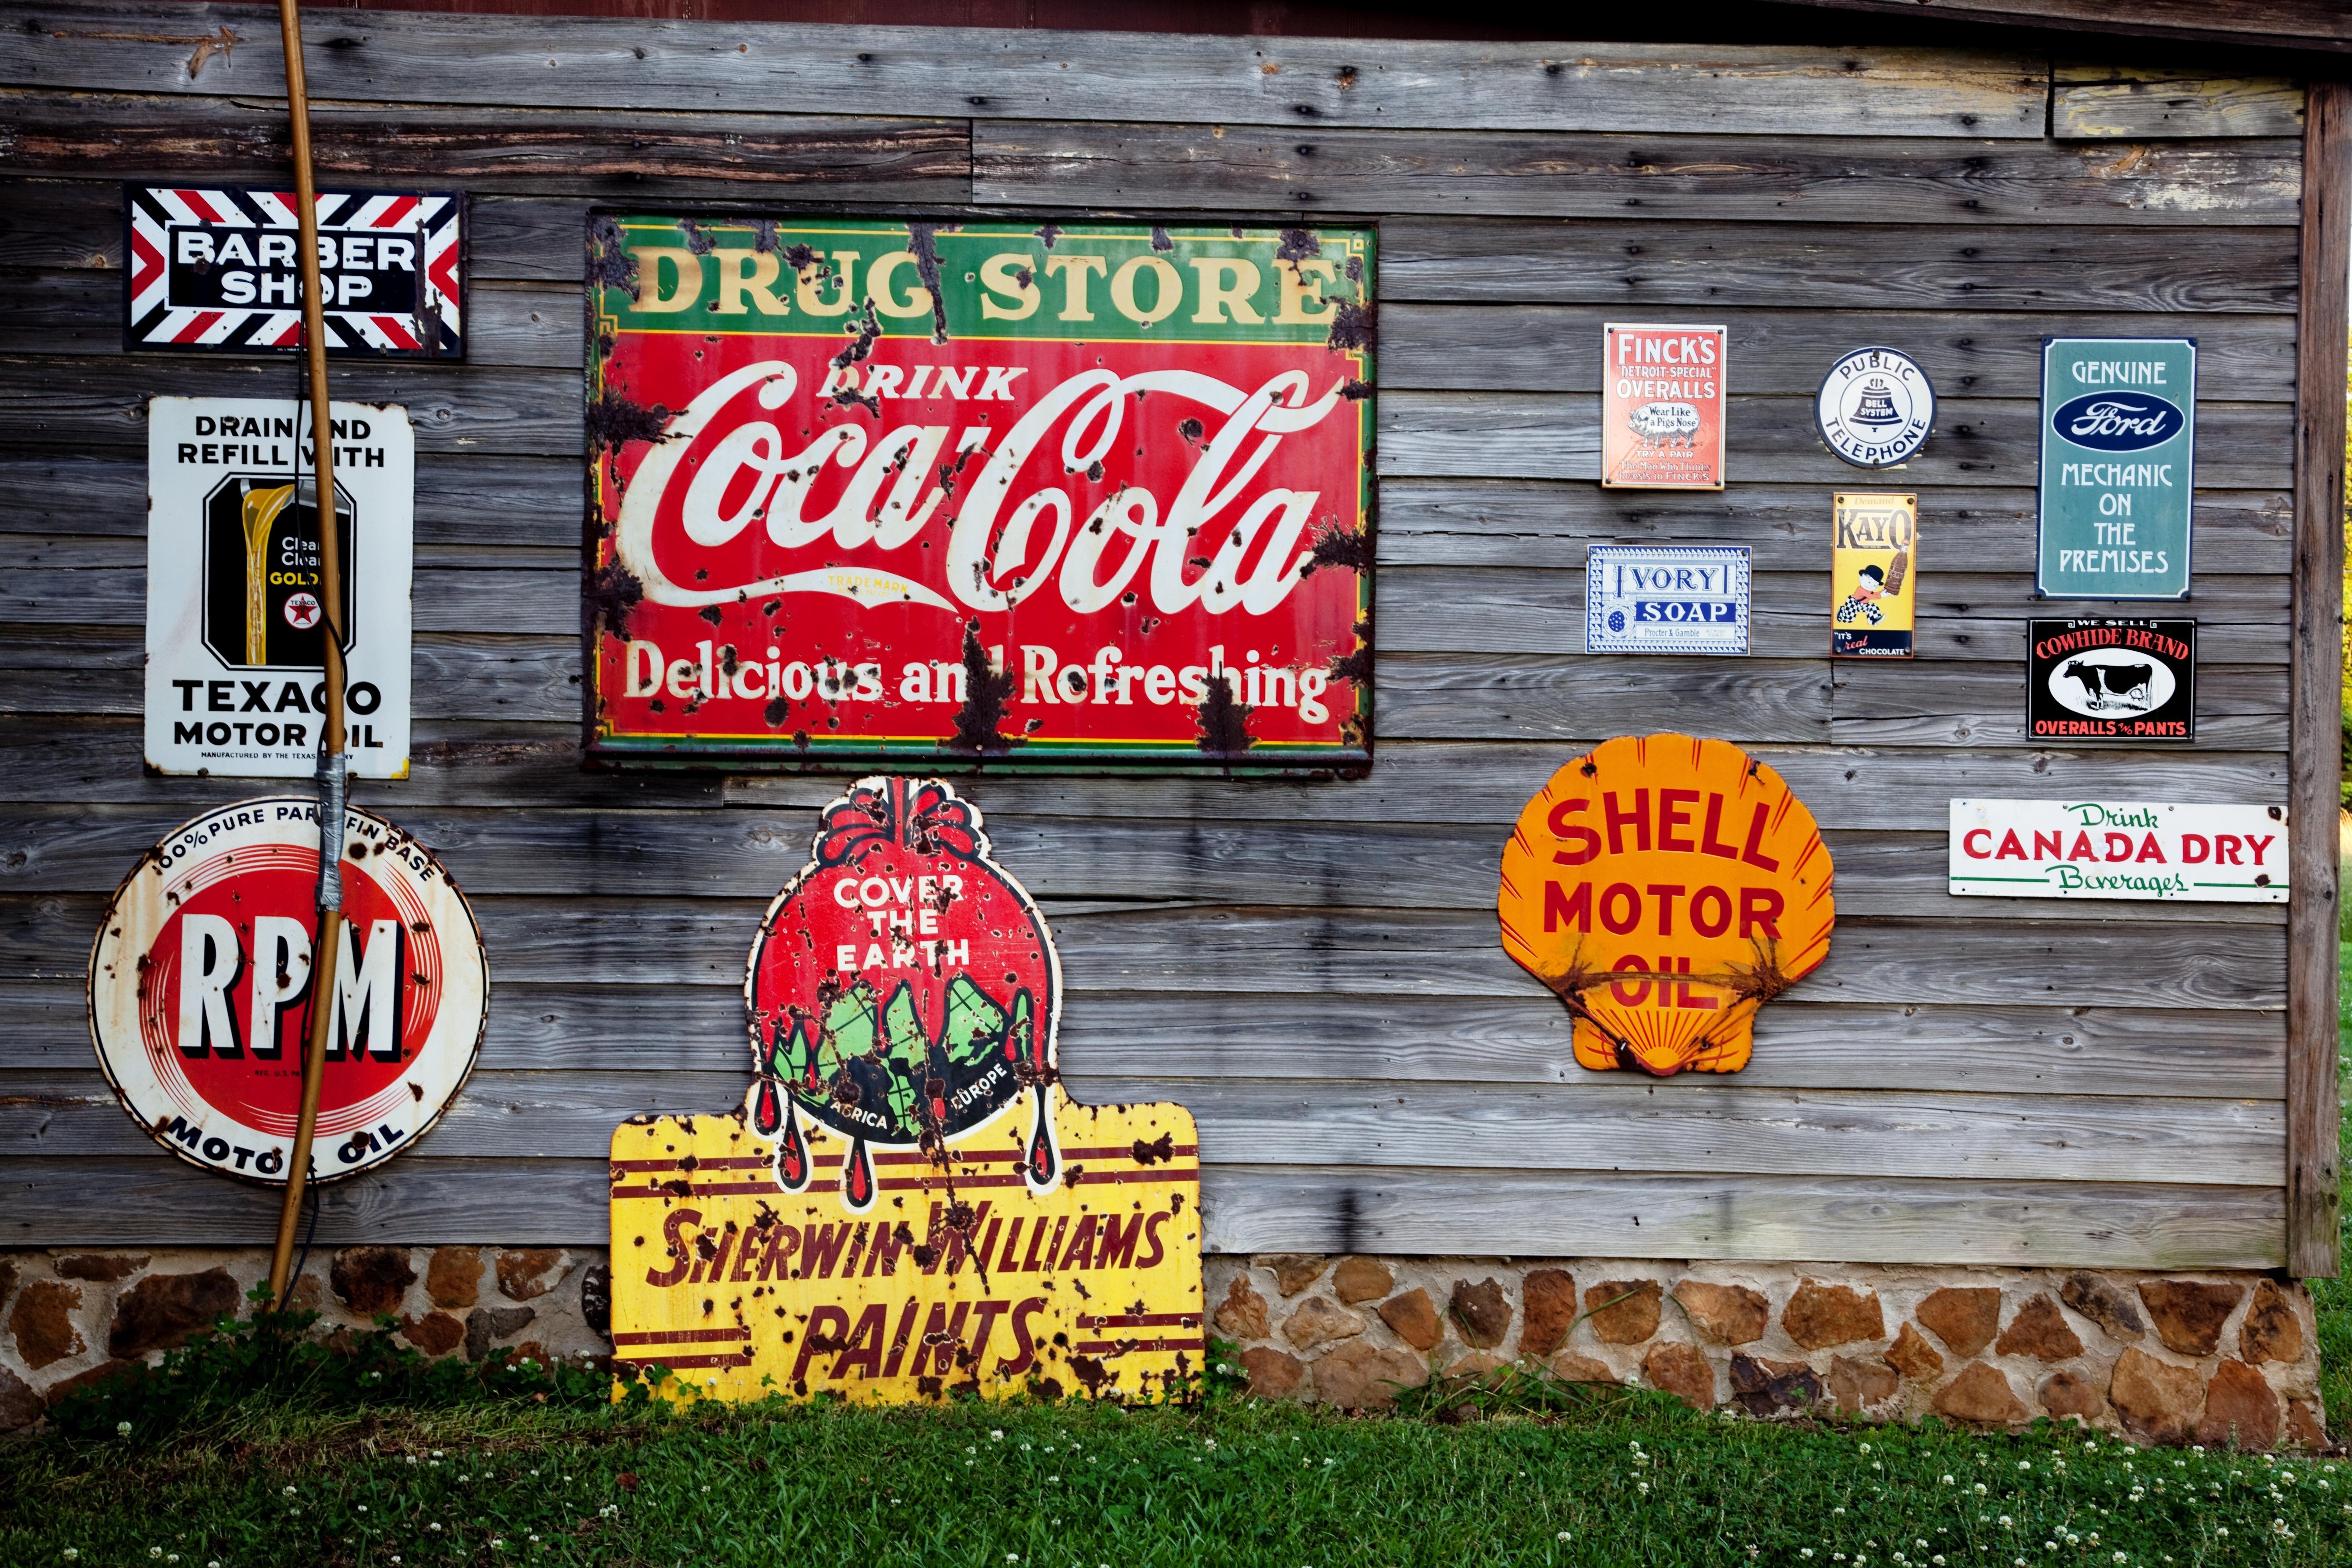 advertising-antiques-coca-cola-210126